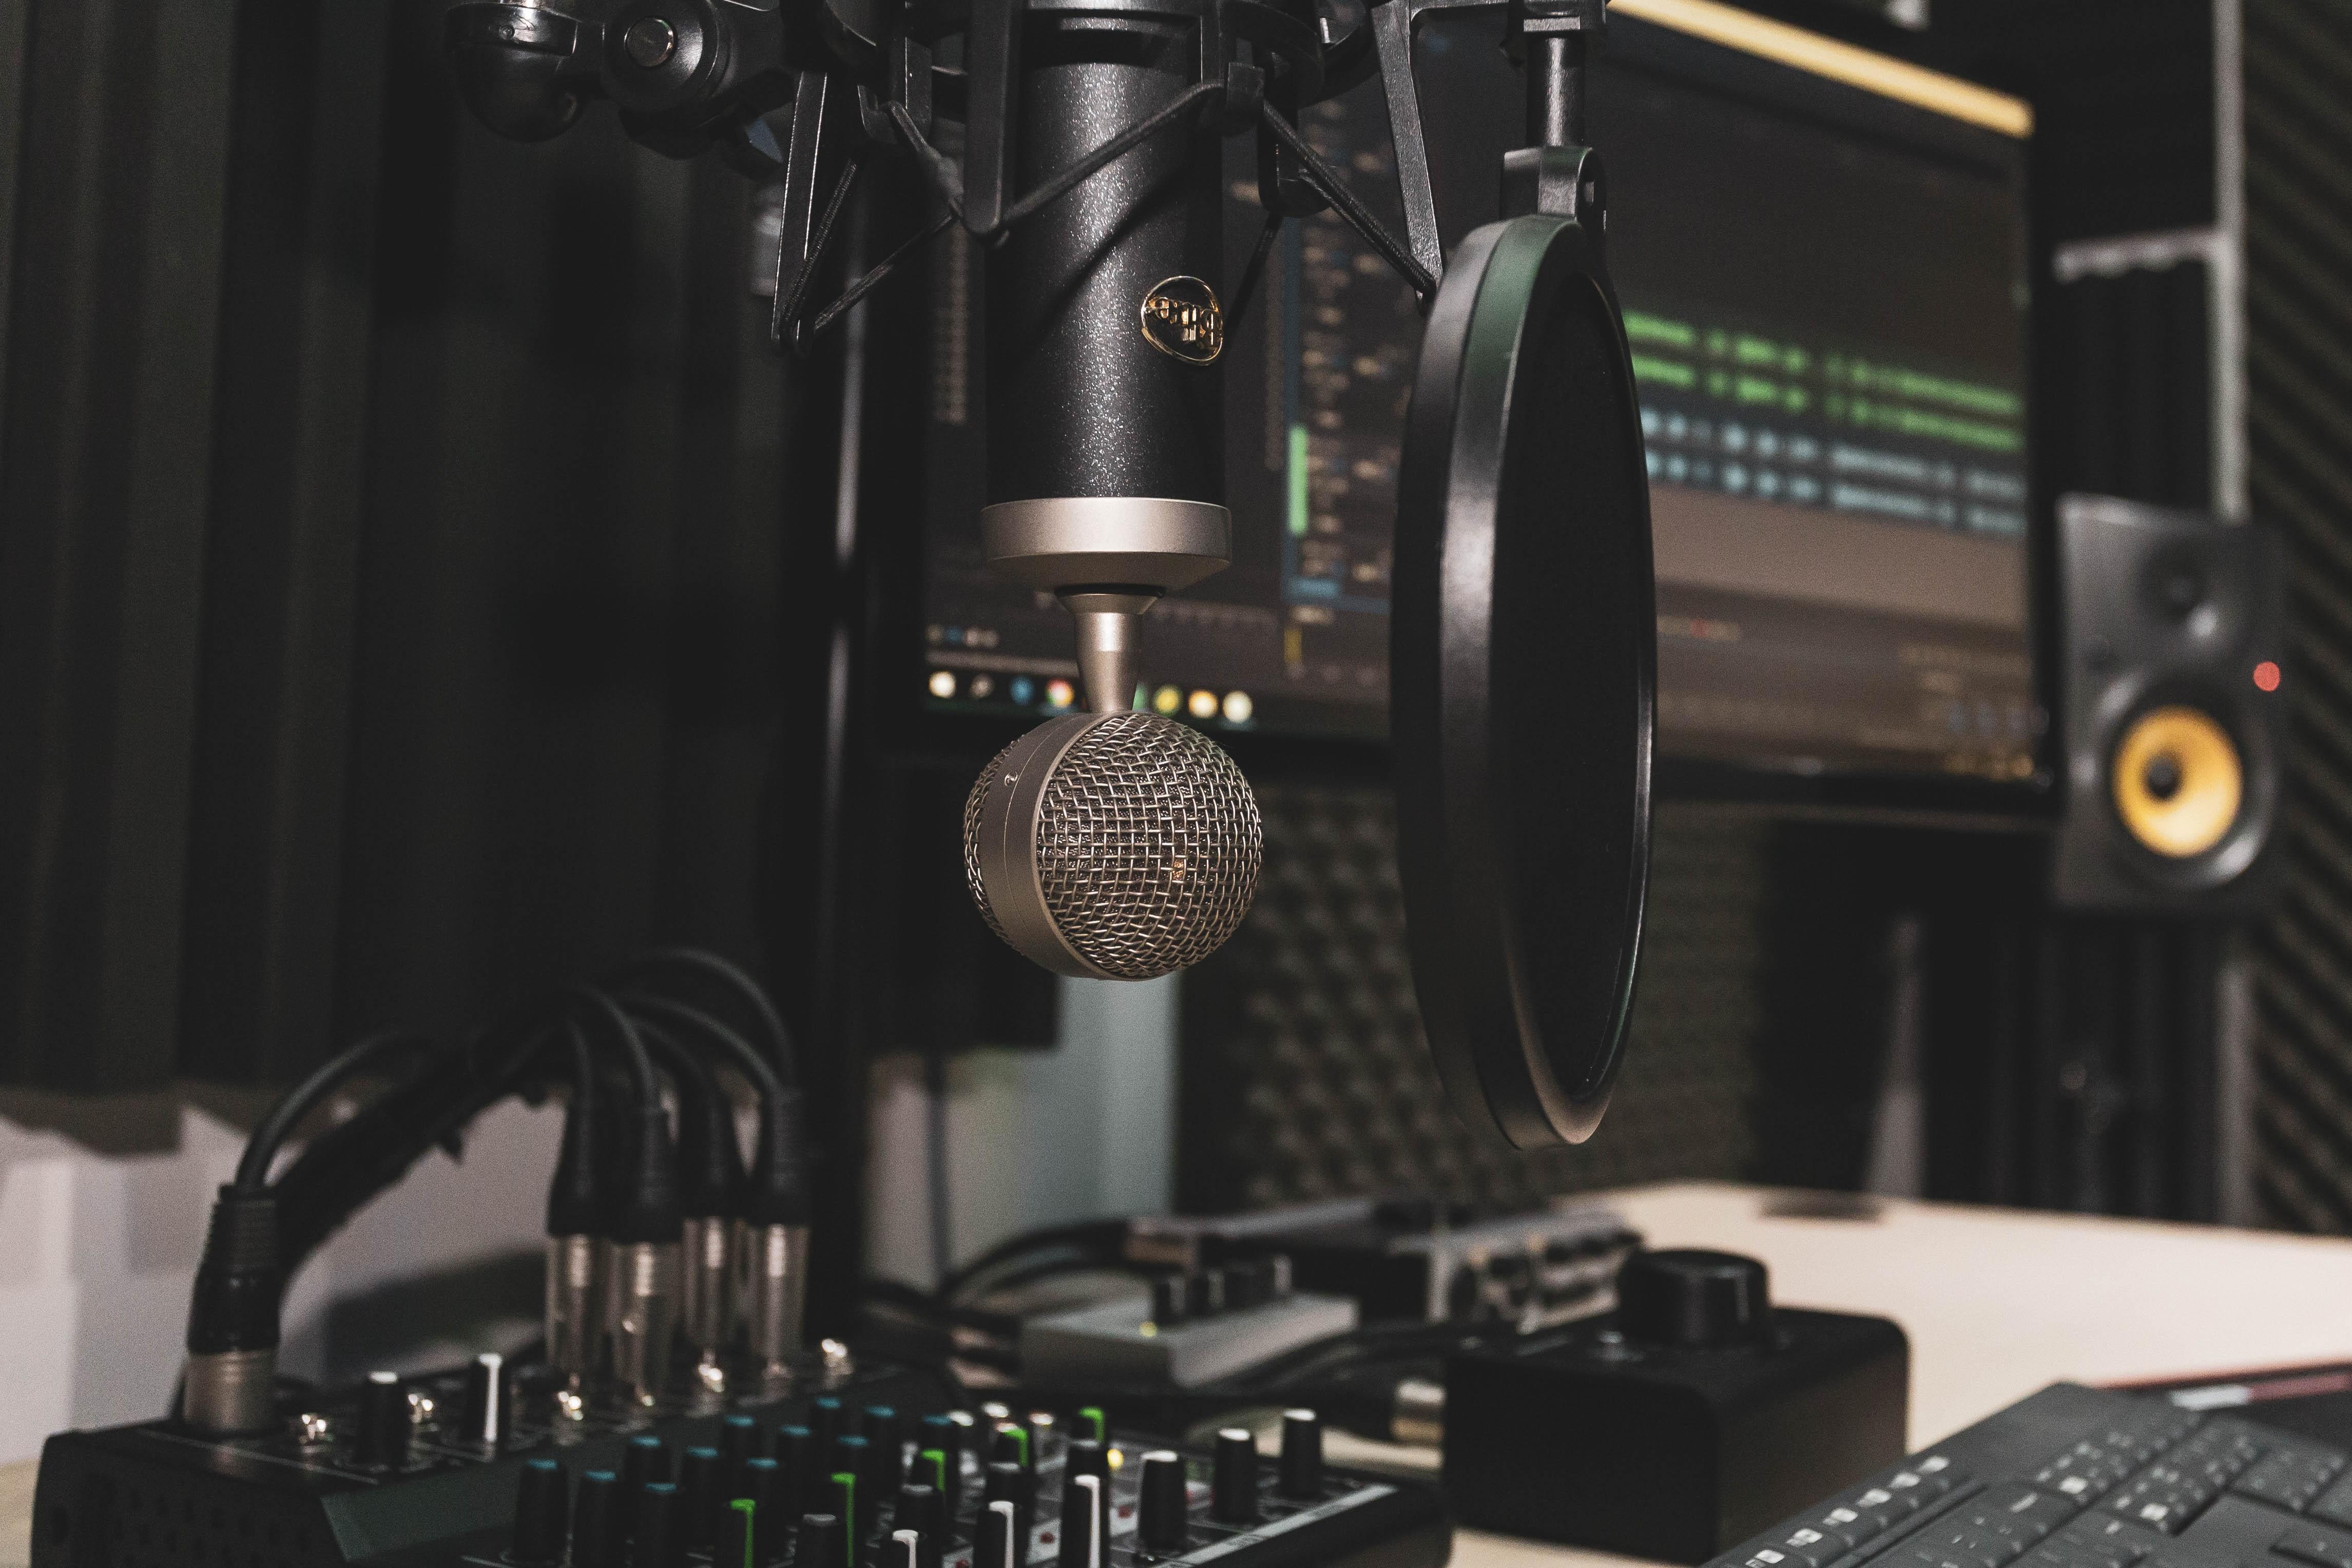 149879 Protetores de tela e papéis de parede Música em seu telefone. Baixe Música, Microfone, Estúdio De Gravação, Mixer, Batedeira, Controle Remoto, Mesa, Equalizador, Acústica, Equipamento, Aparelho fotos gratuitamente